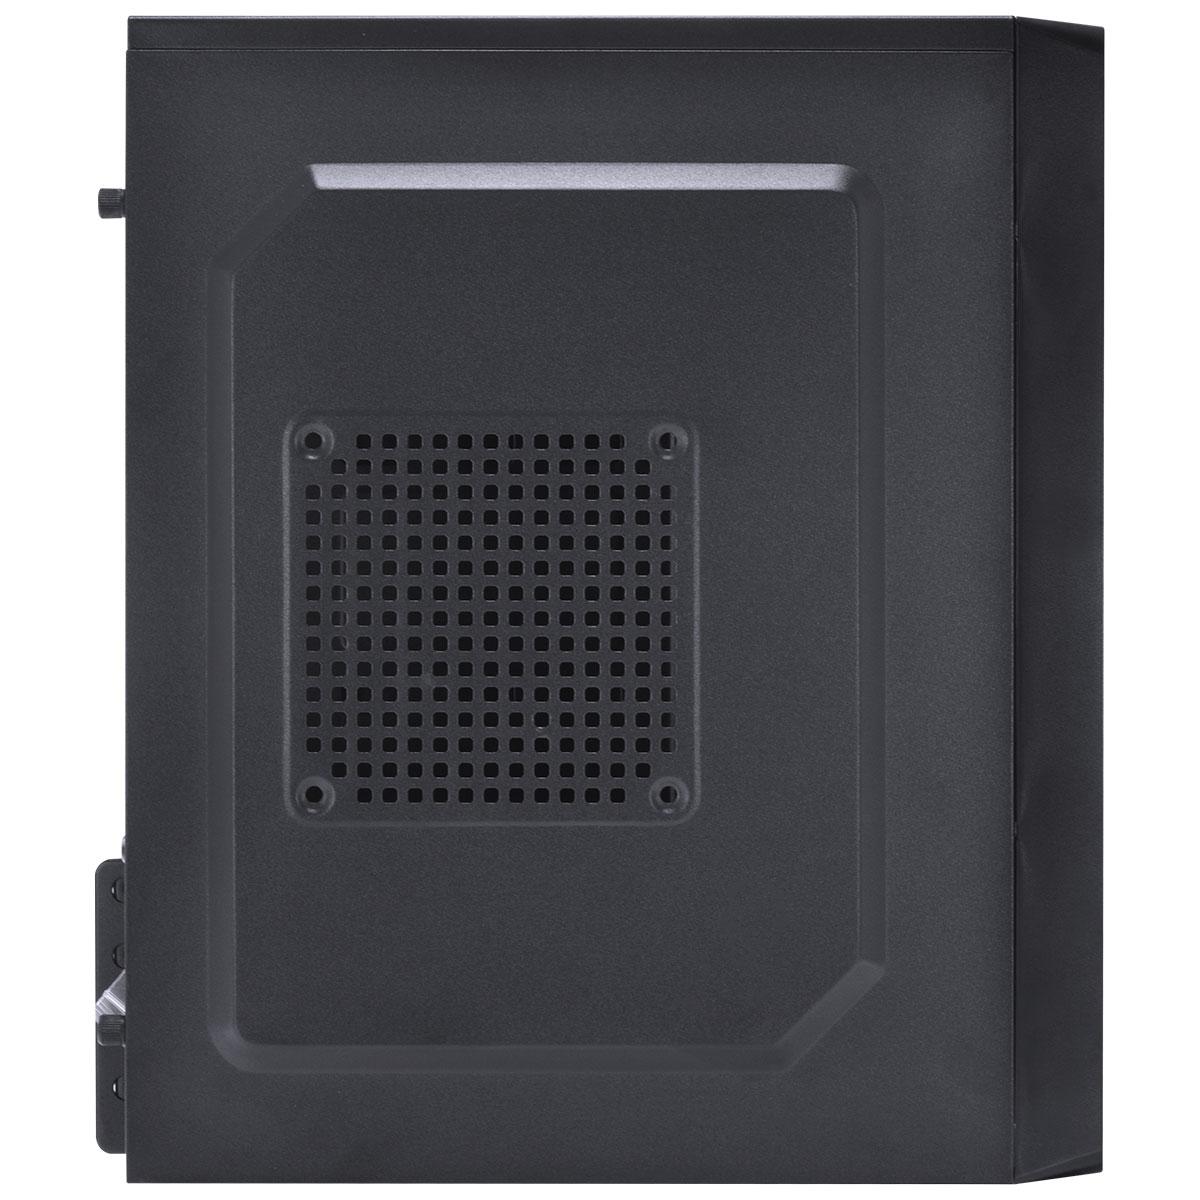 COMPUTADOR BUSINESS B700 - I7 7700 3.6GHZ 8GB DDR4 HD 1TB HDMI/VGA FONTE 300W